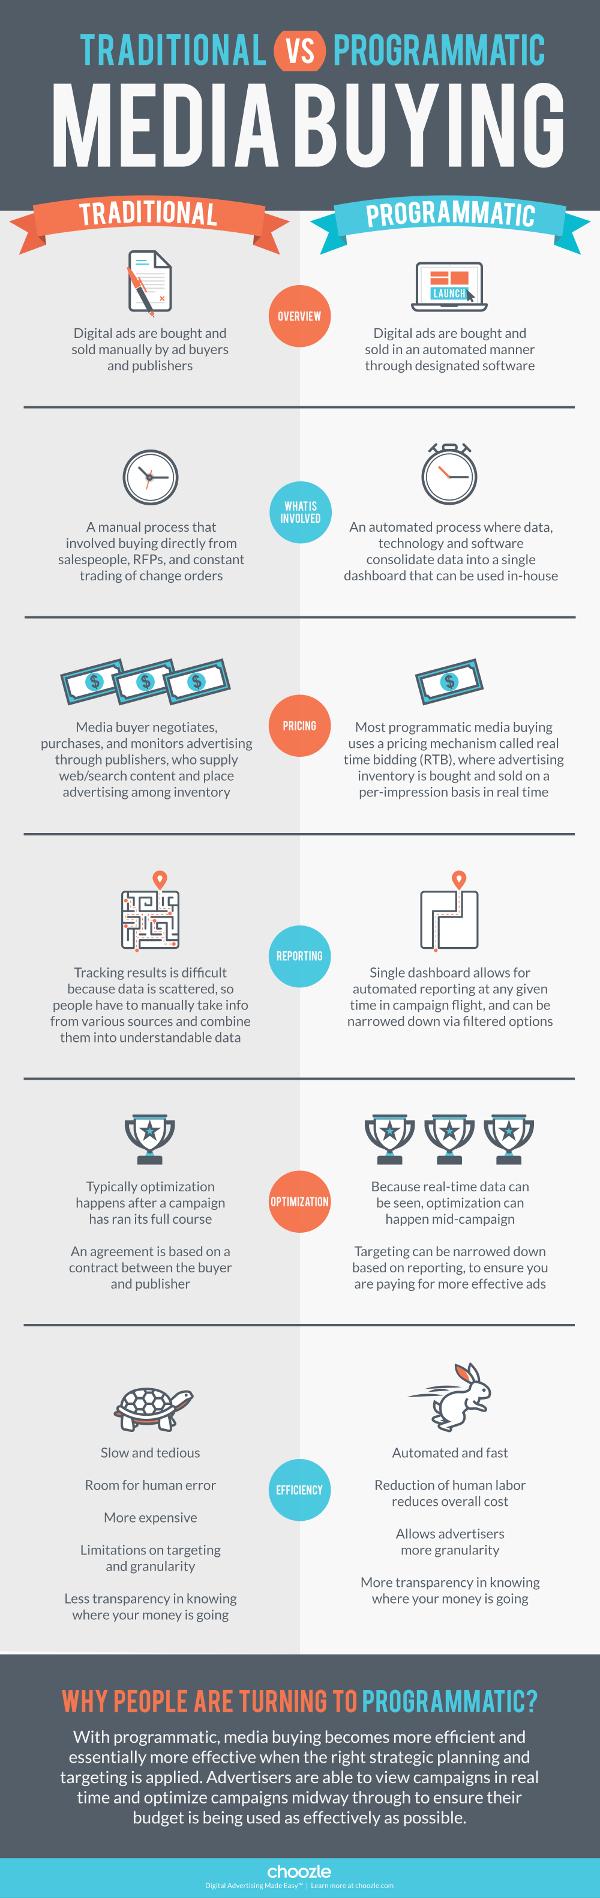 Nostromo, agence de communication, vous propose une infographie sur le media buying.